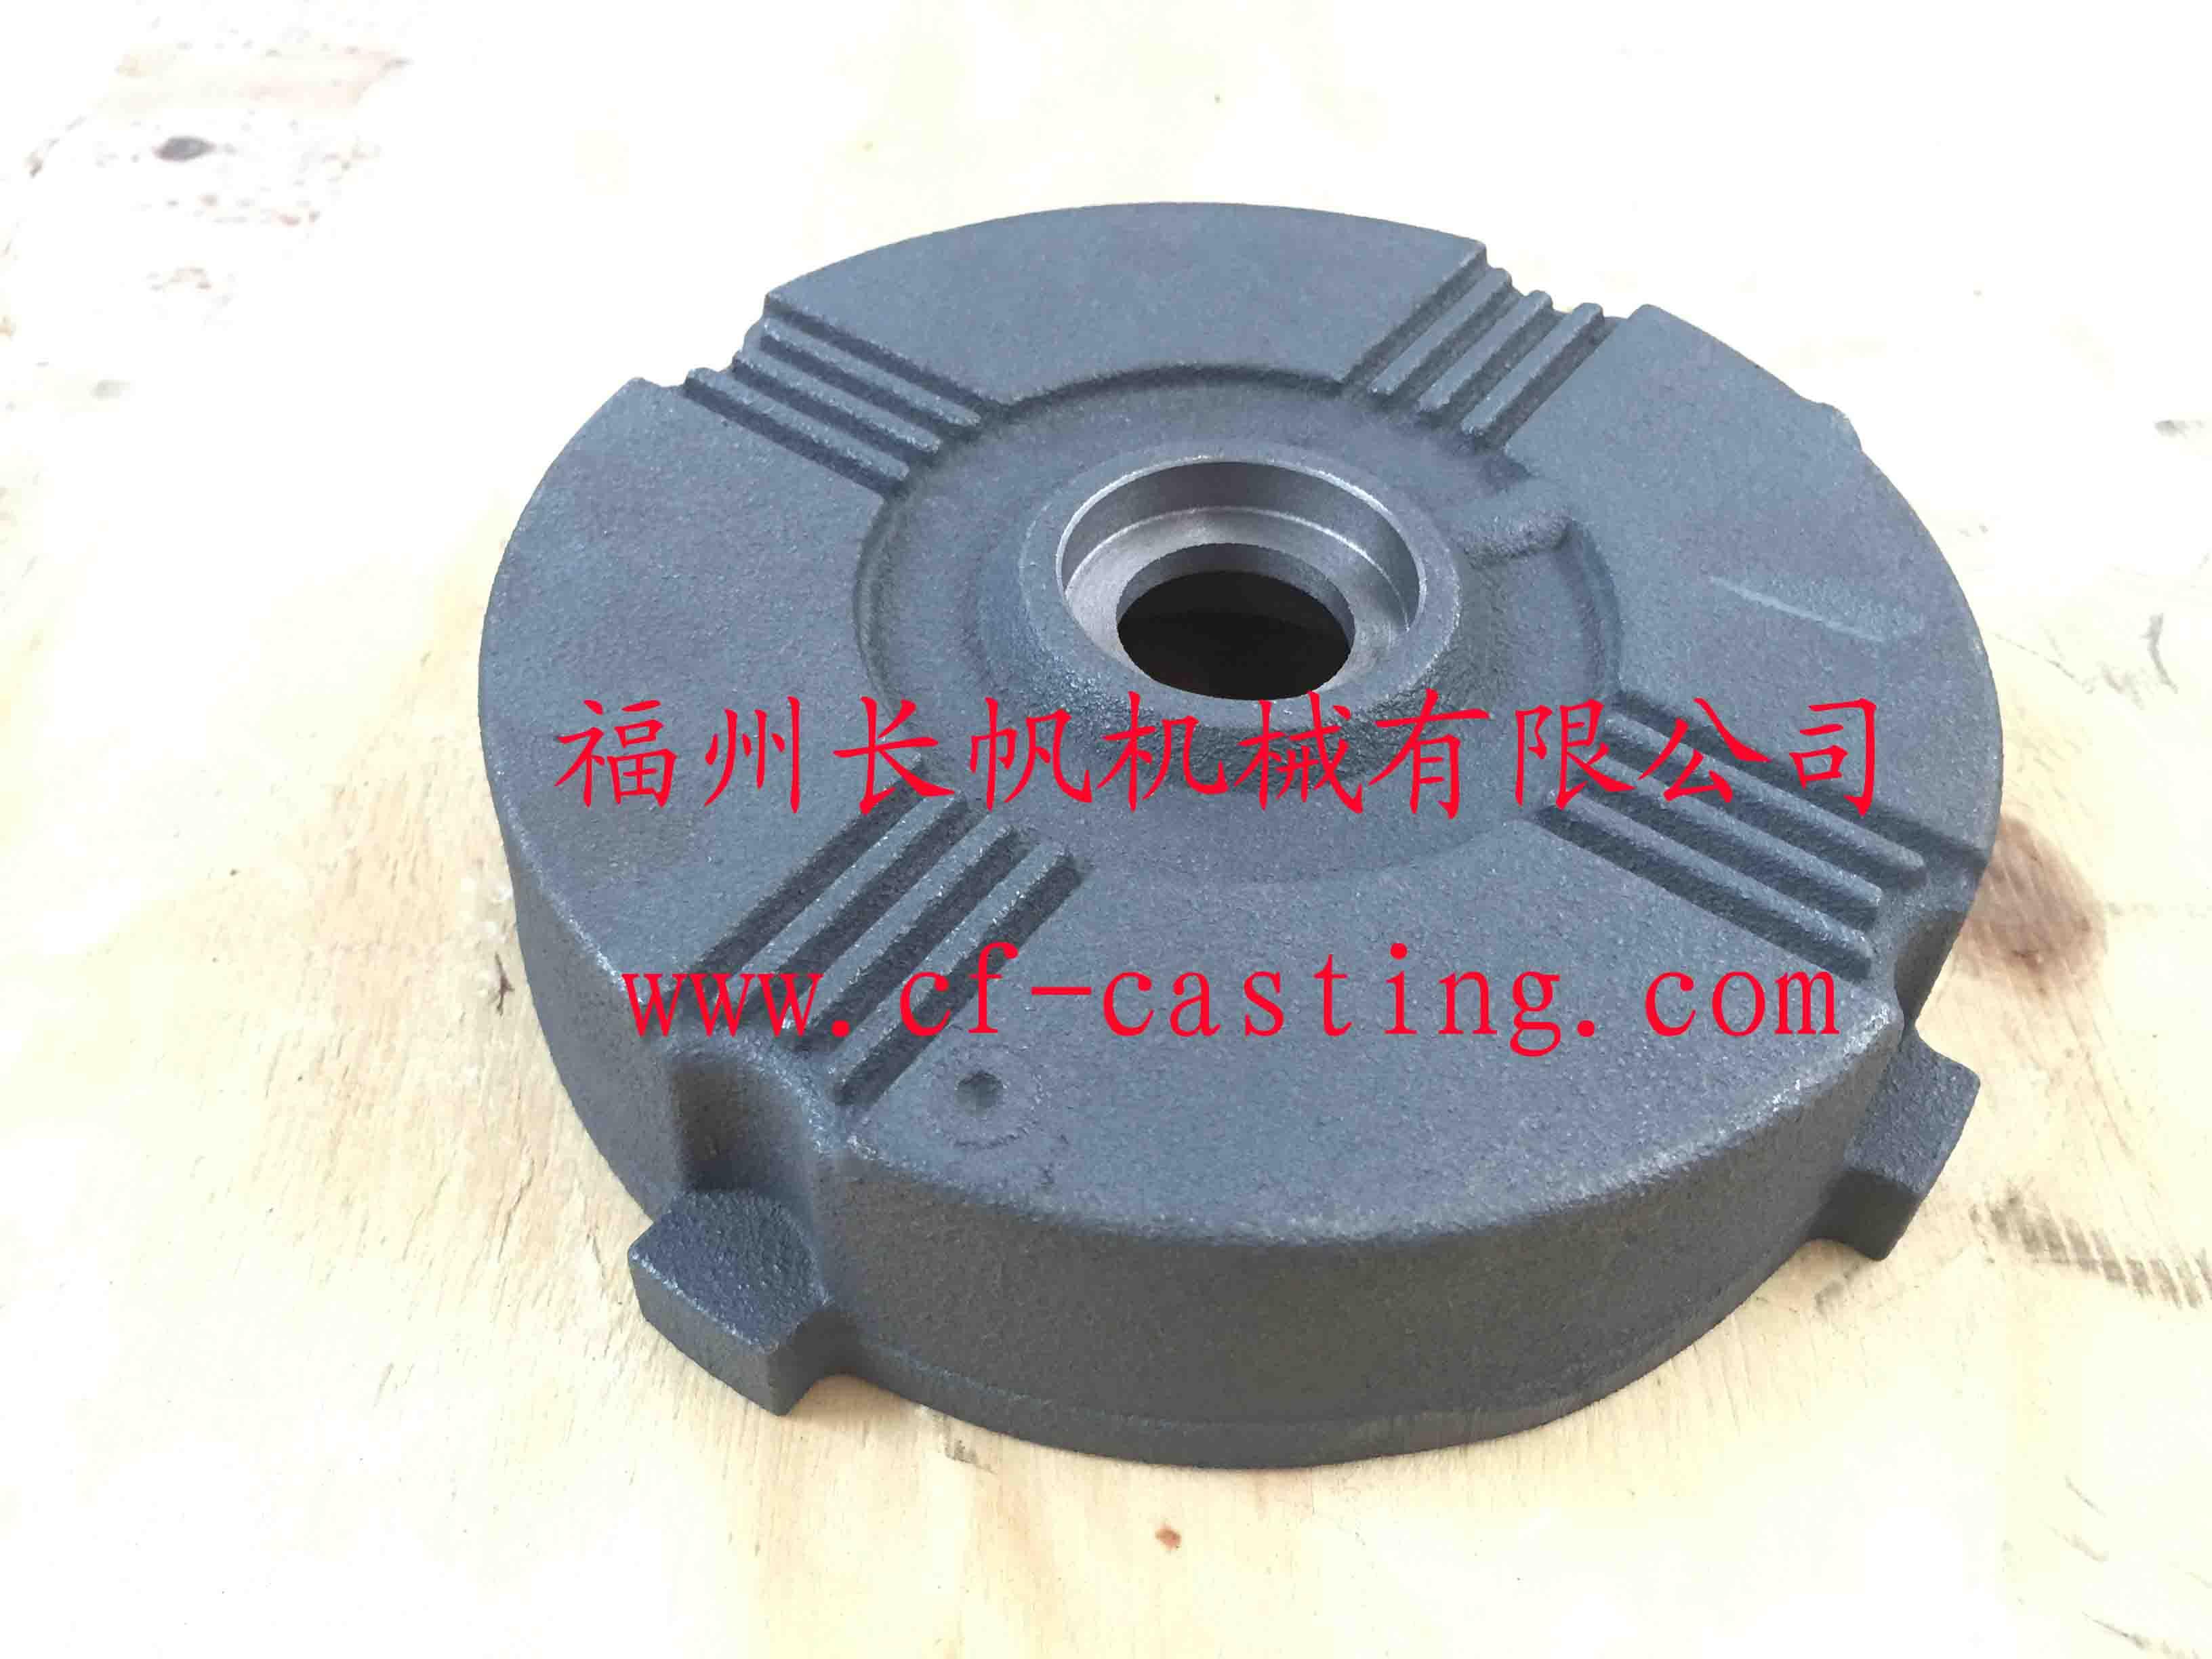 WEA90工业电机后盖  CF 长帆 CF灰铁铸造 CF灰铁铸件 CF水泵铸造铸件